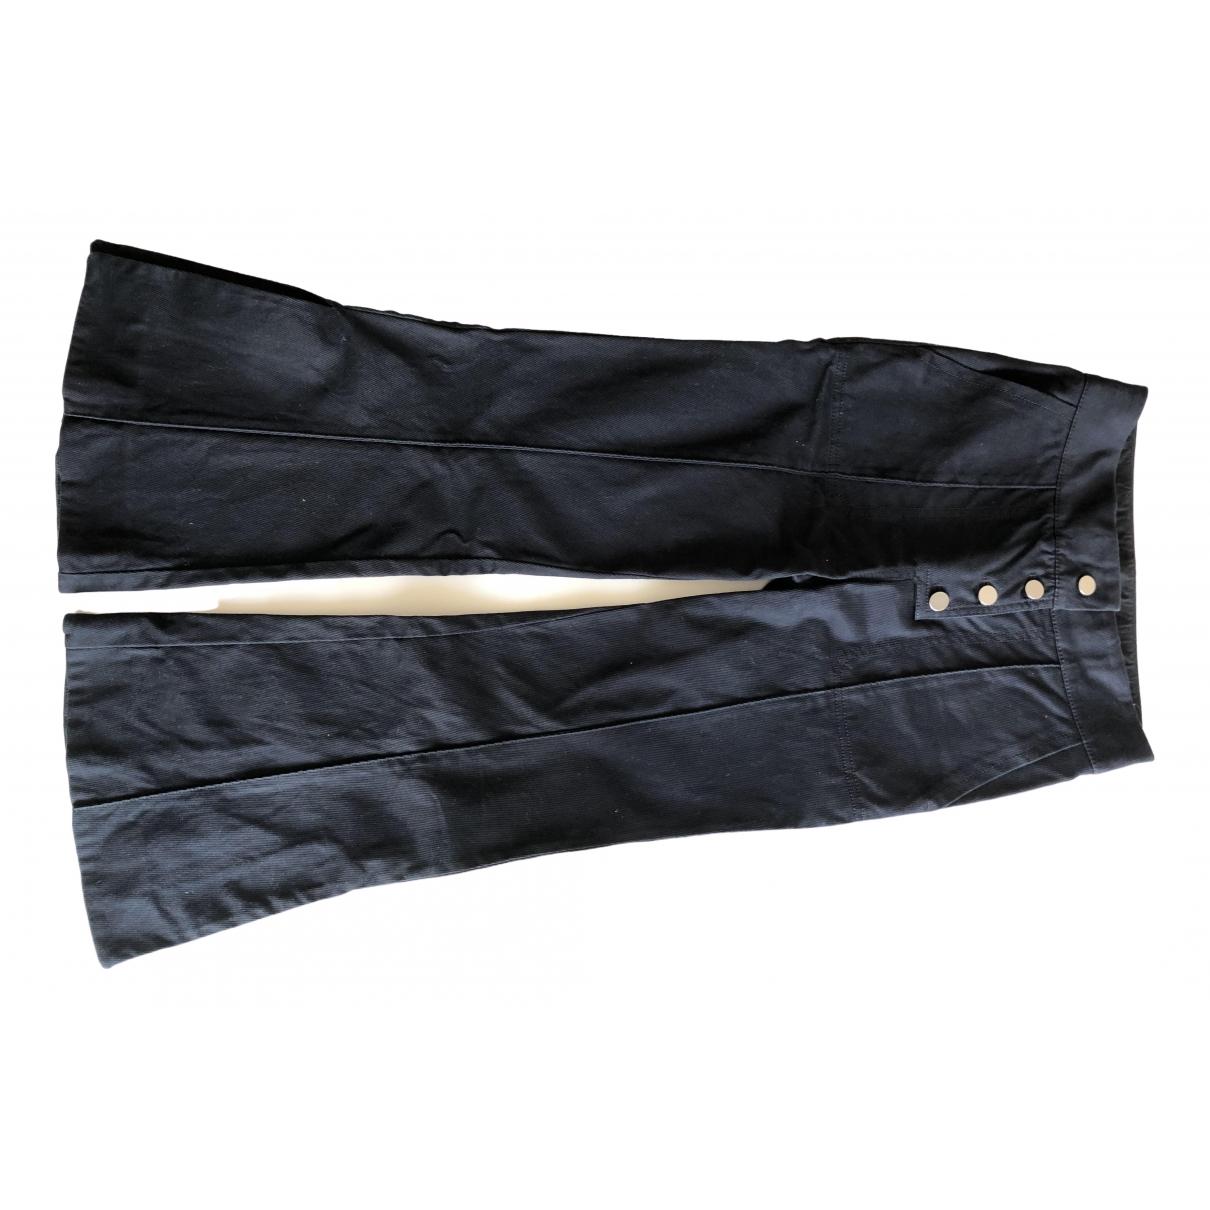 Pantalon en Algodon Marino H&m Studio